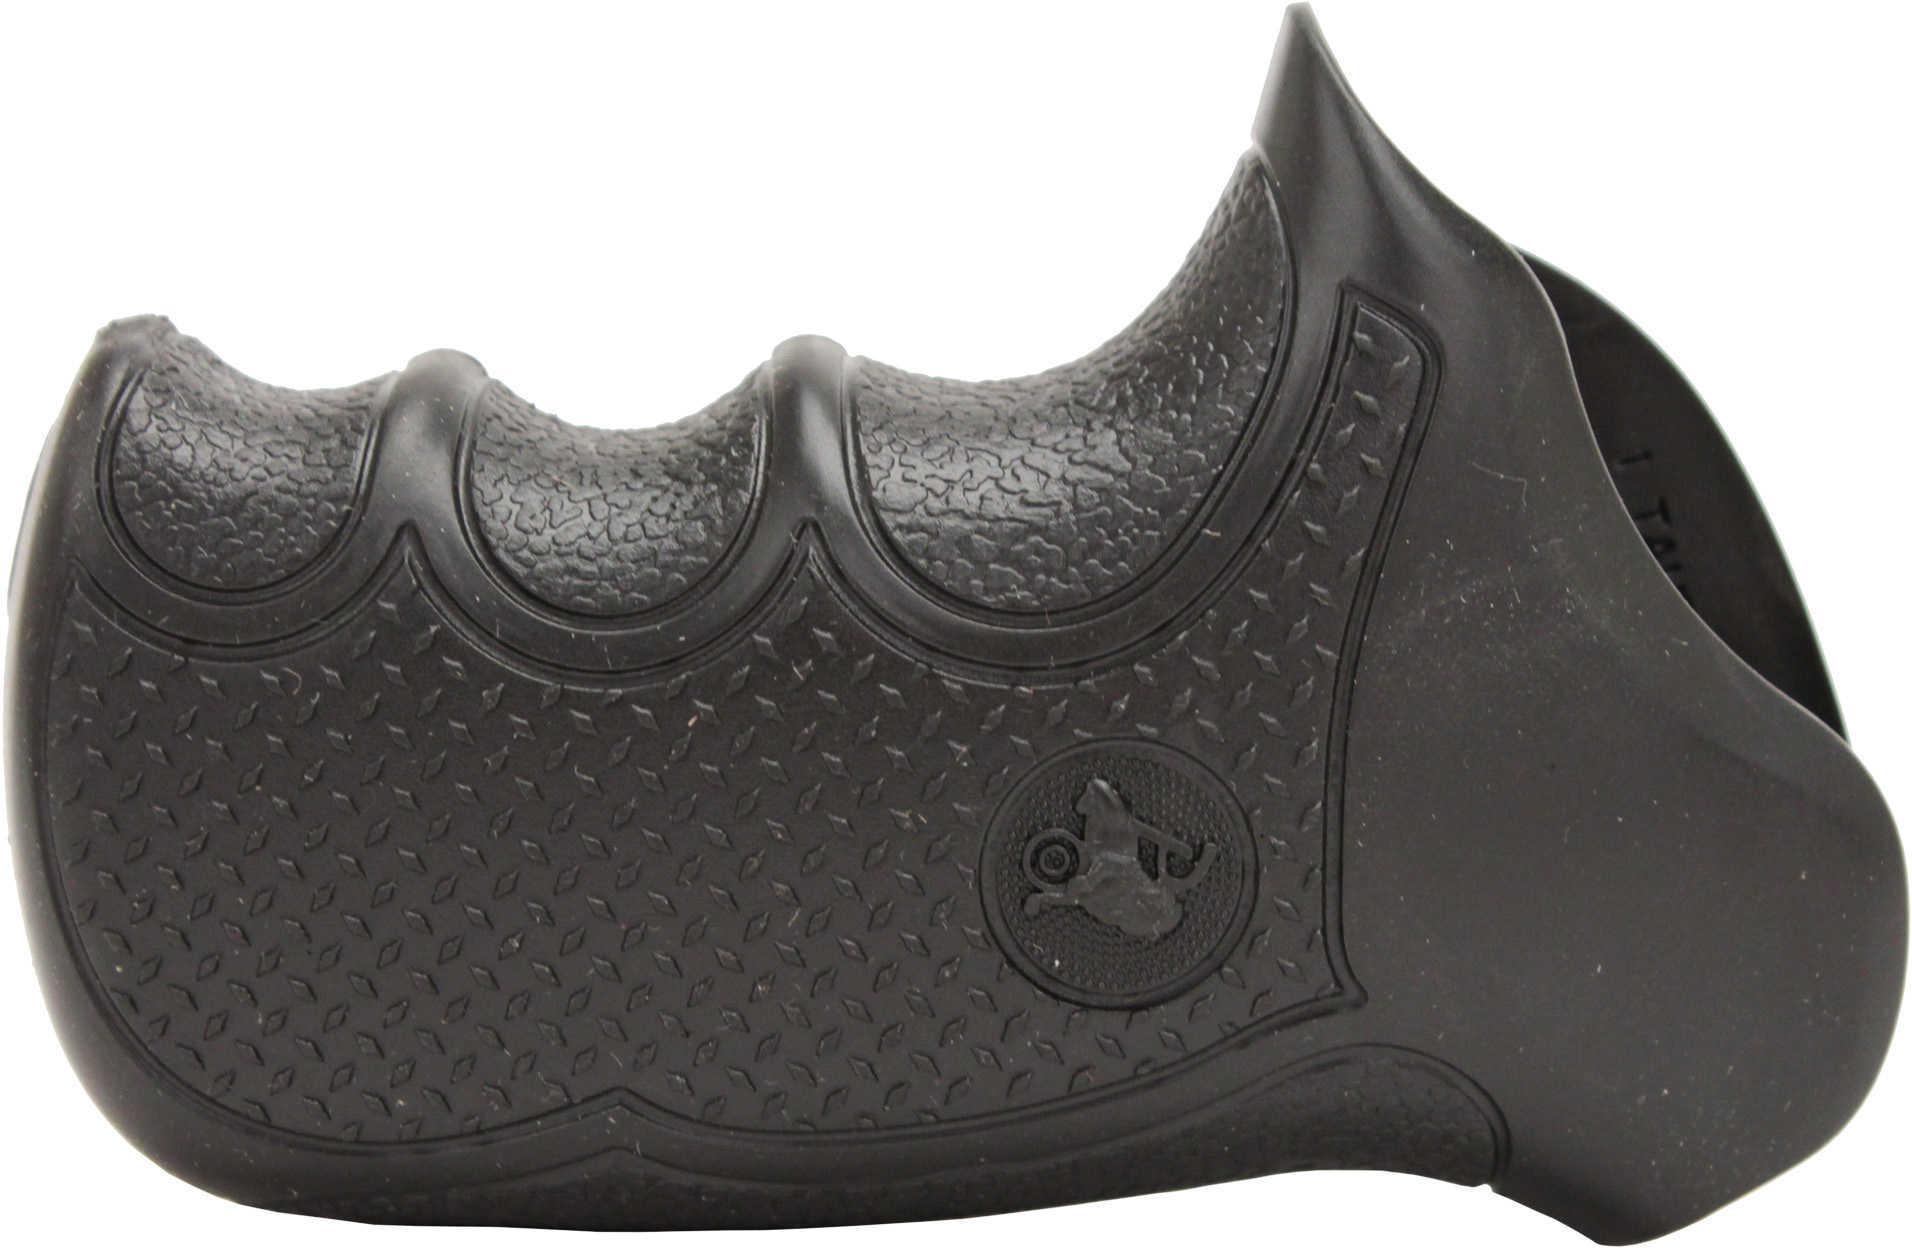 Pachmayr Dimond Pro Grip Fits Taurus Cmp P-Defender Black 02474